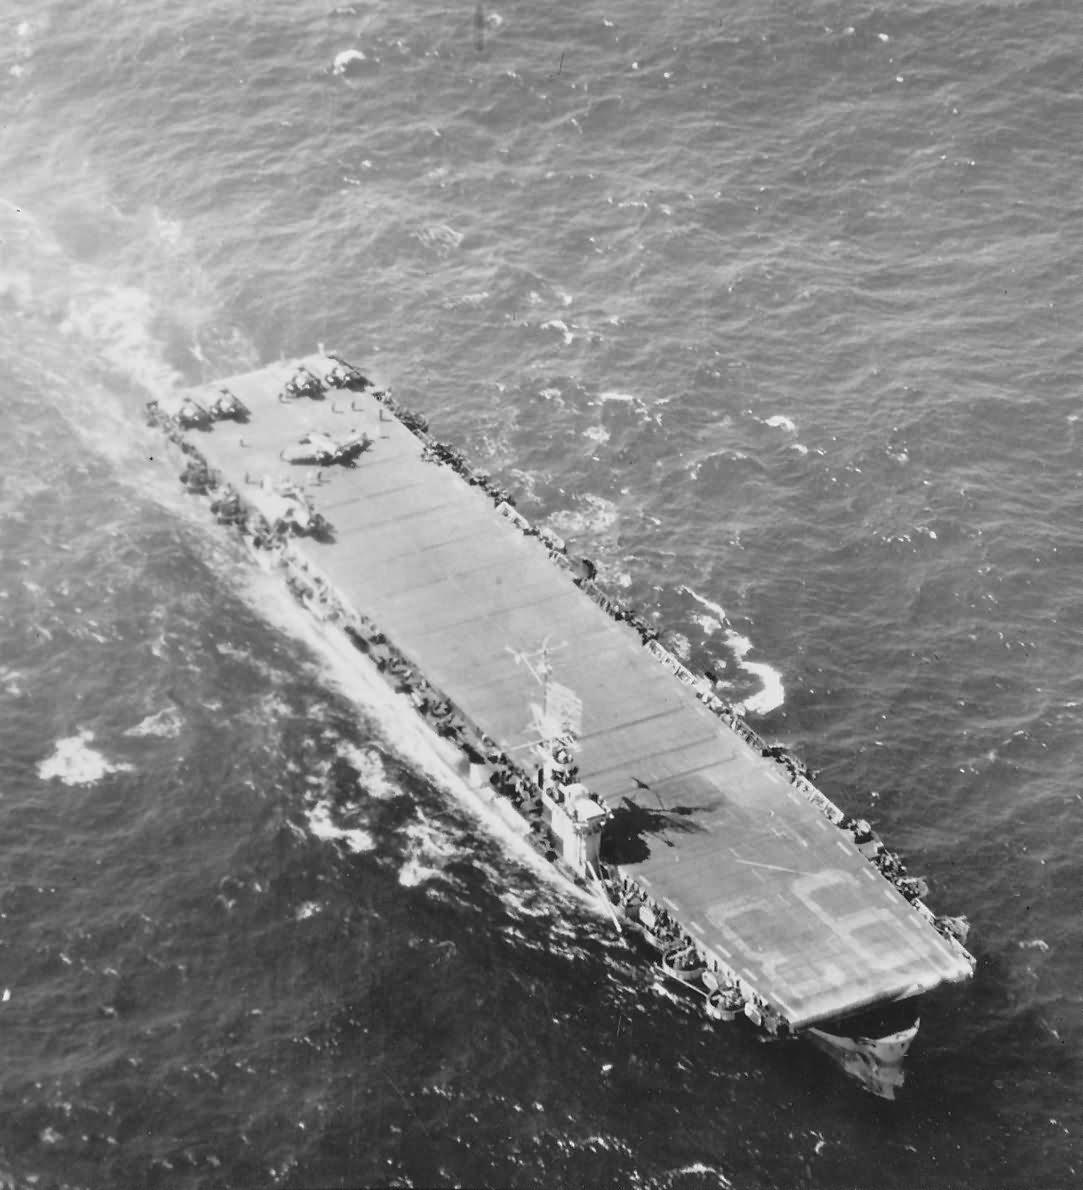 Escort carrier USS Makin Island CVE-93